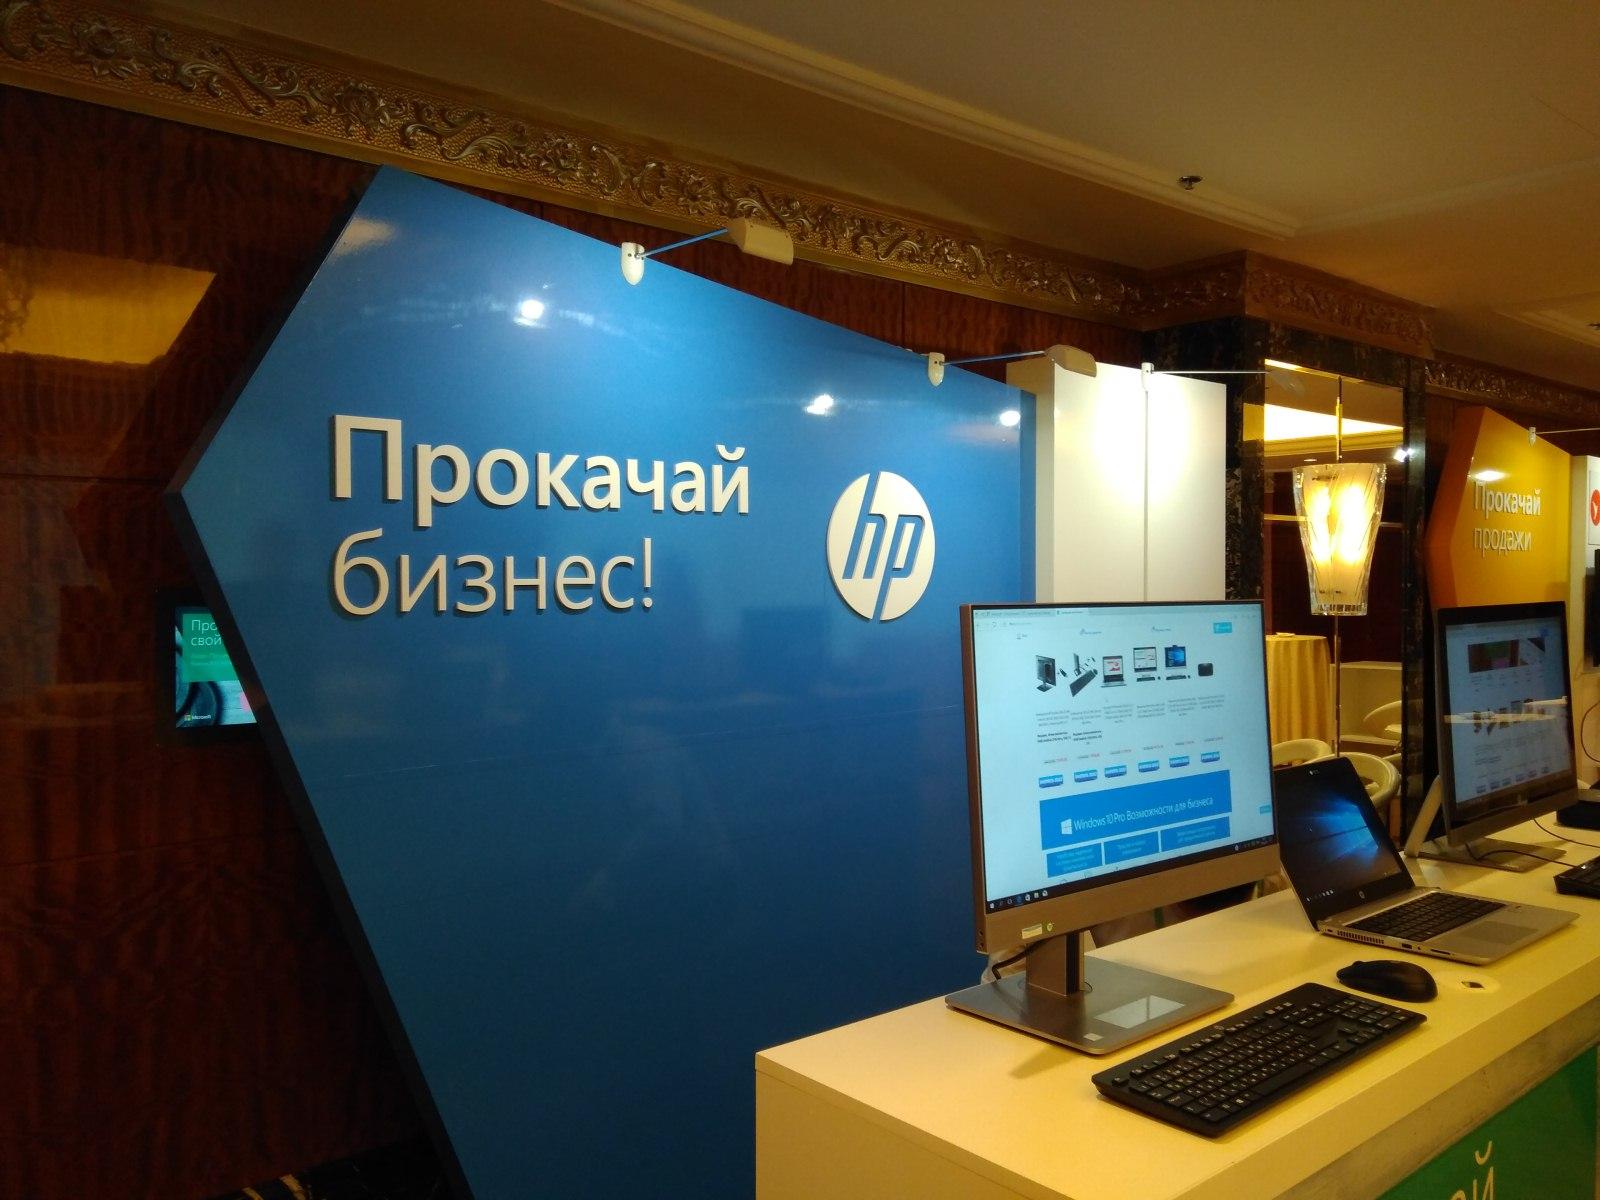 Прокачай бизнес HP. Конференция Microsoft «Прокачай свой бизнес: Люди. Процессы. Технологии»